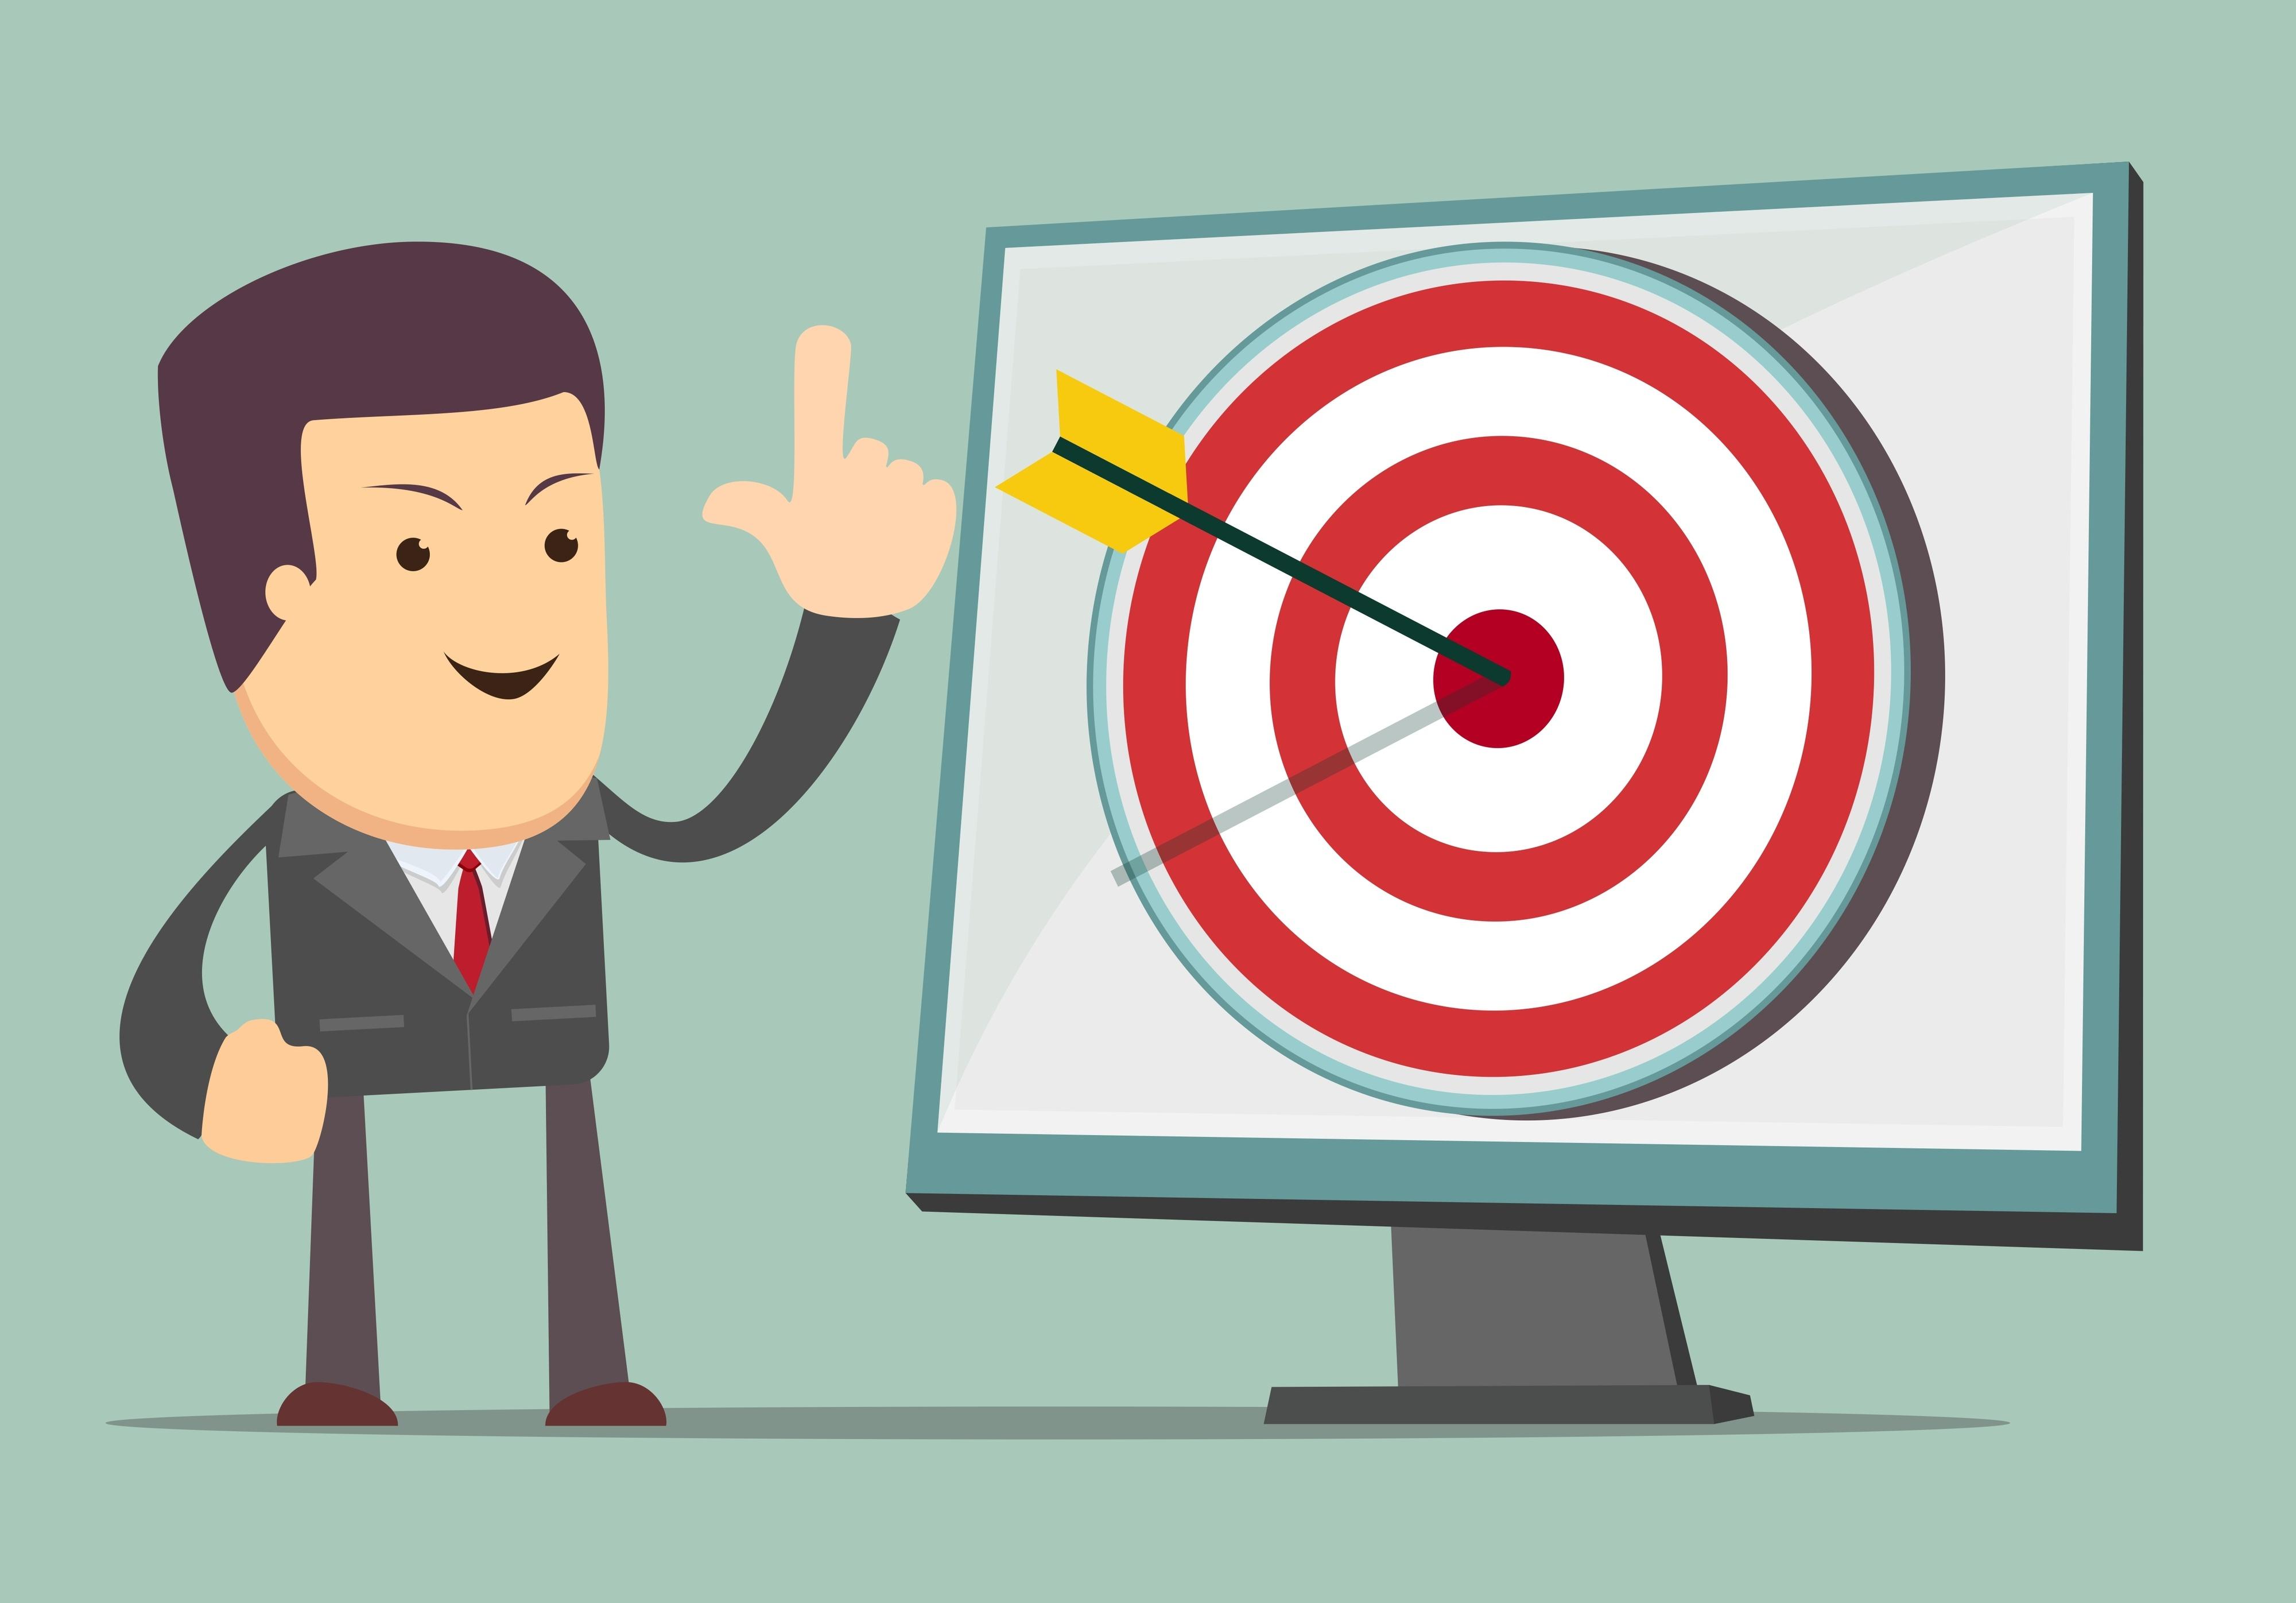 プロスペクトの価値を見極めるための26の営業質問